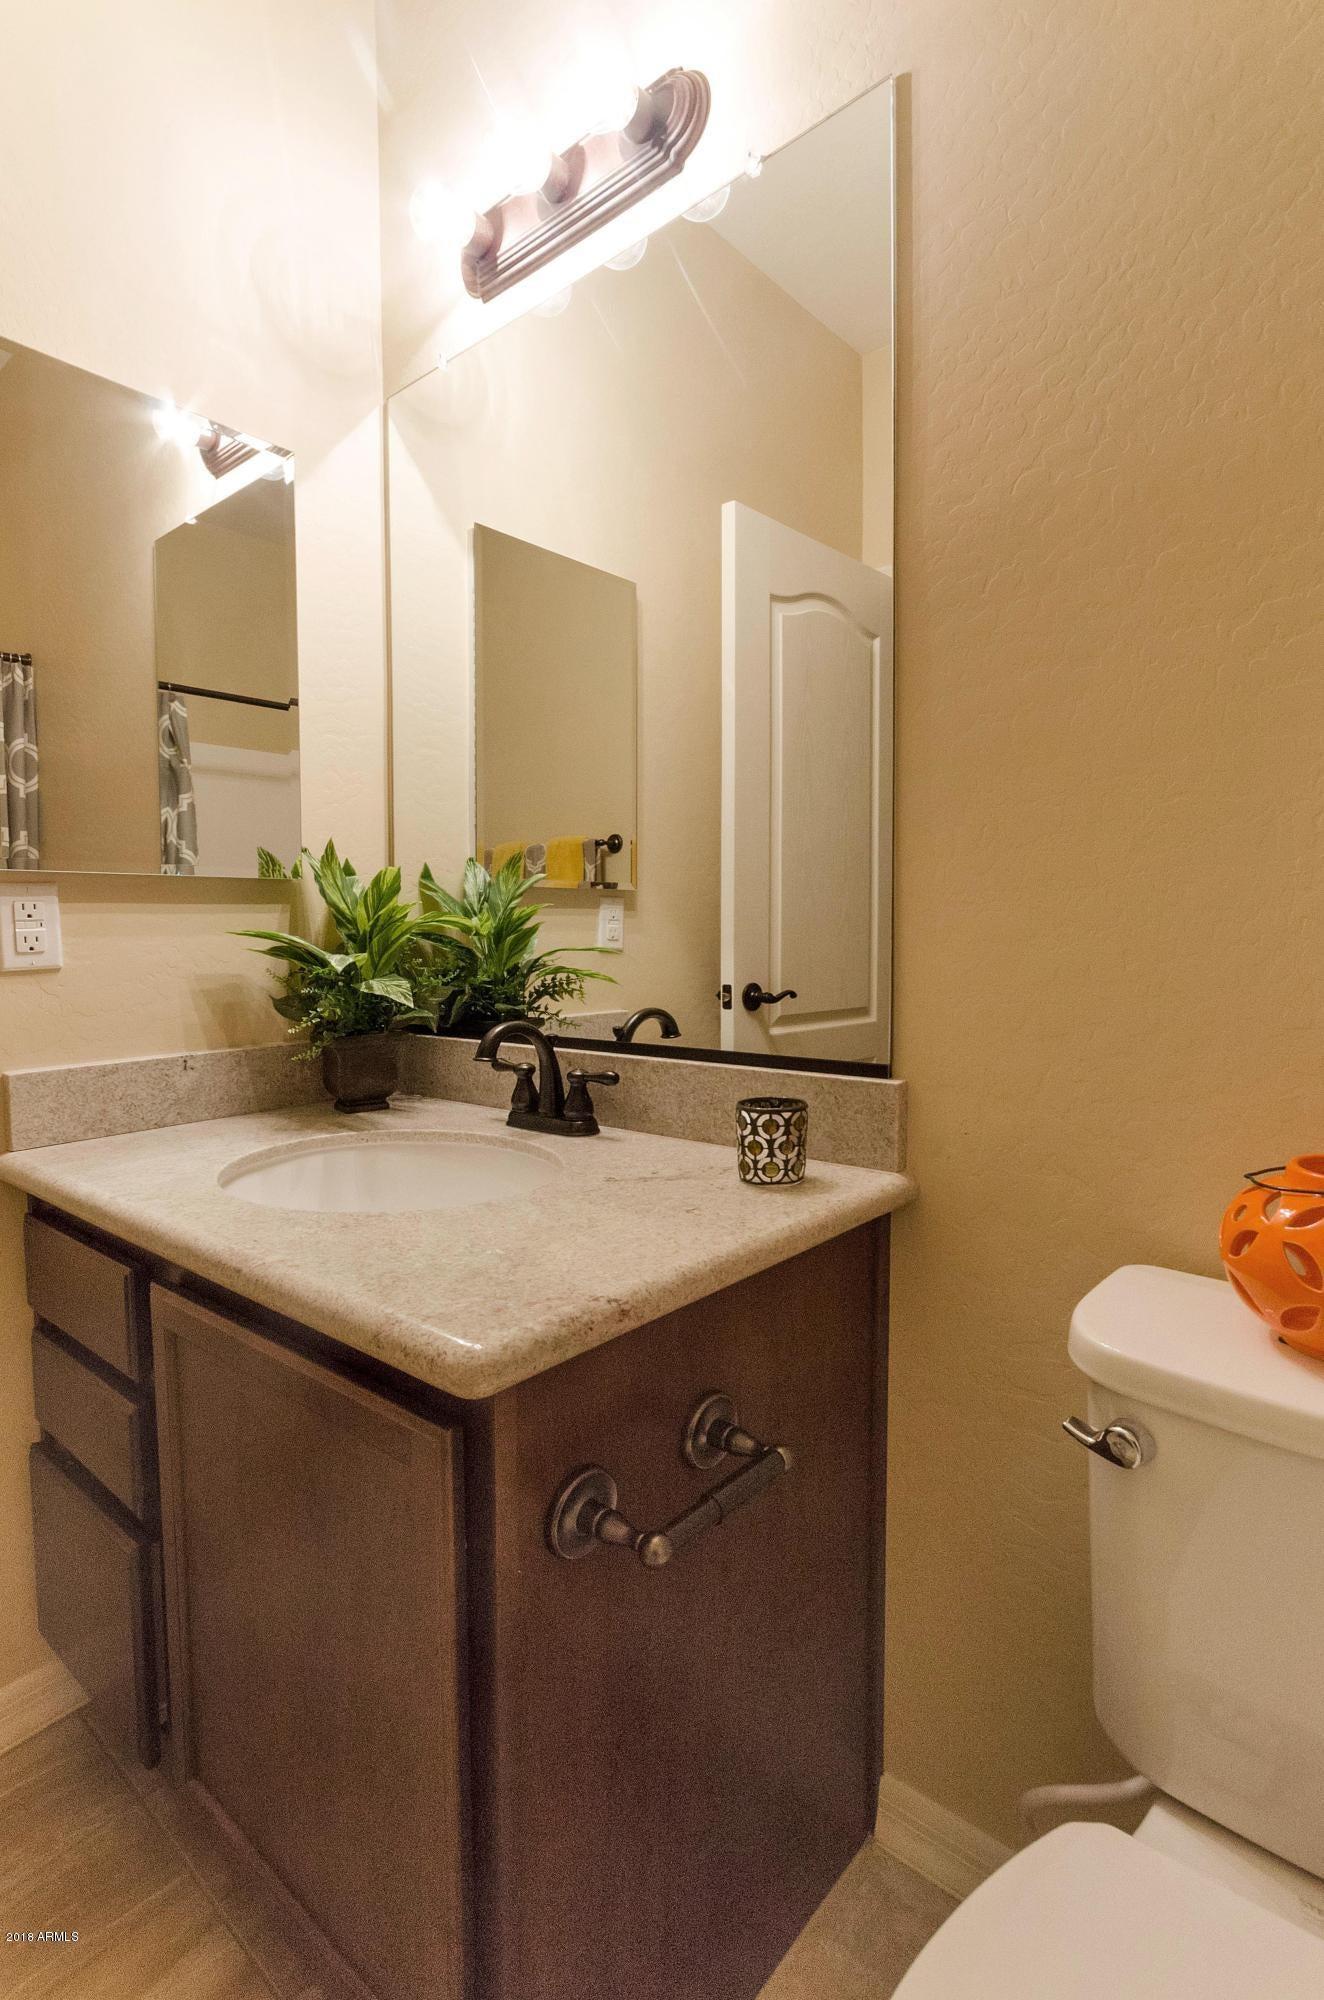 7820 E BASELINE Road Unit 214 Mesa, AZ 85209 - MLS #: 5777820